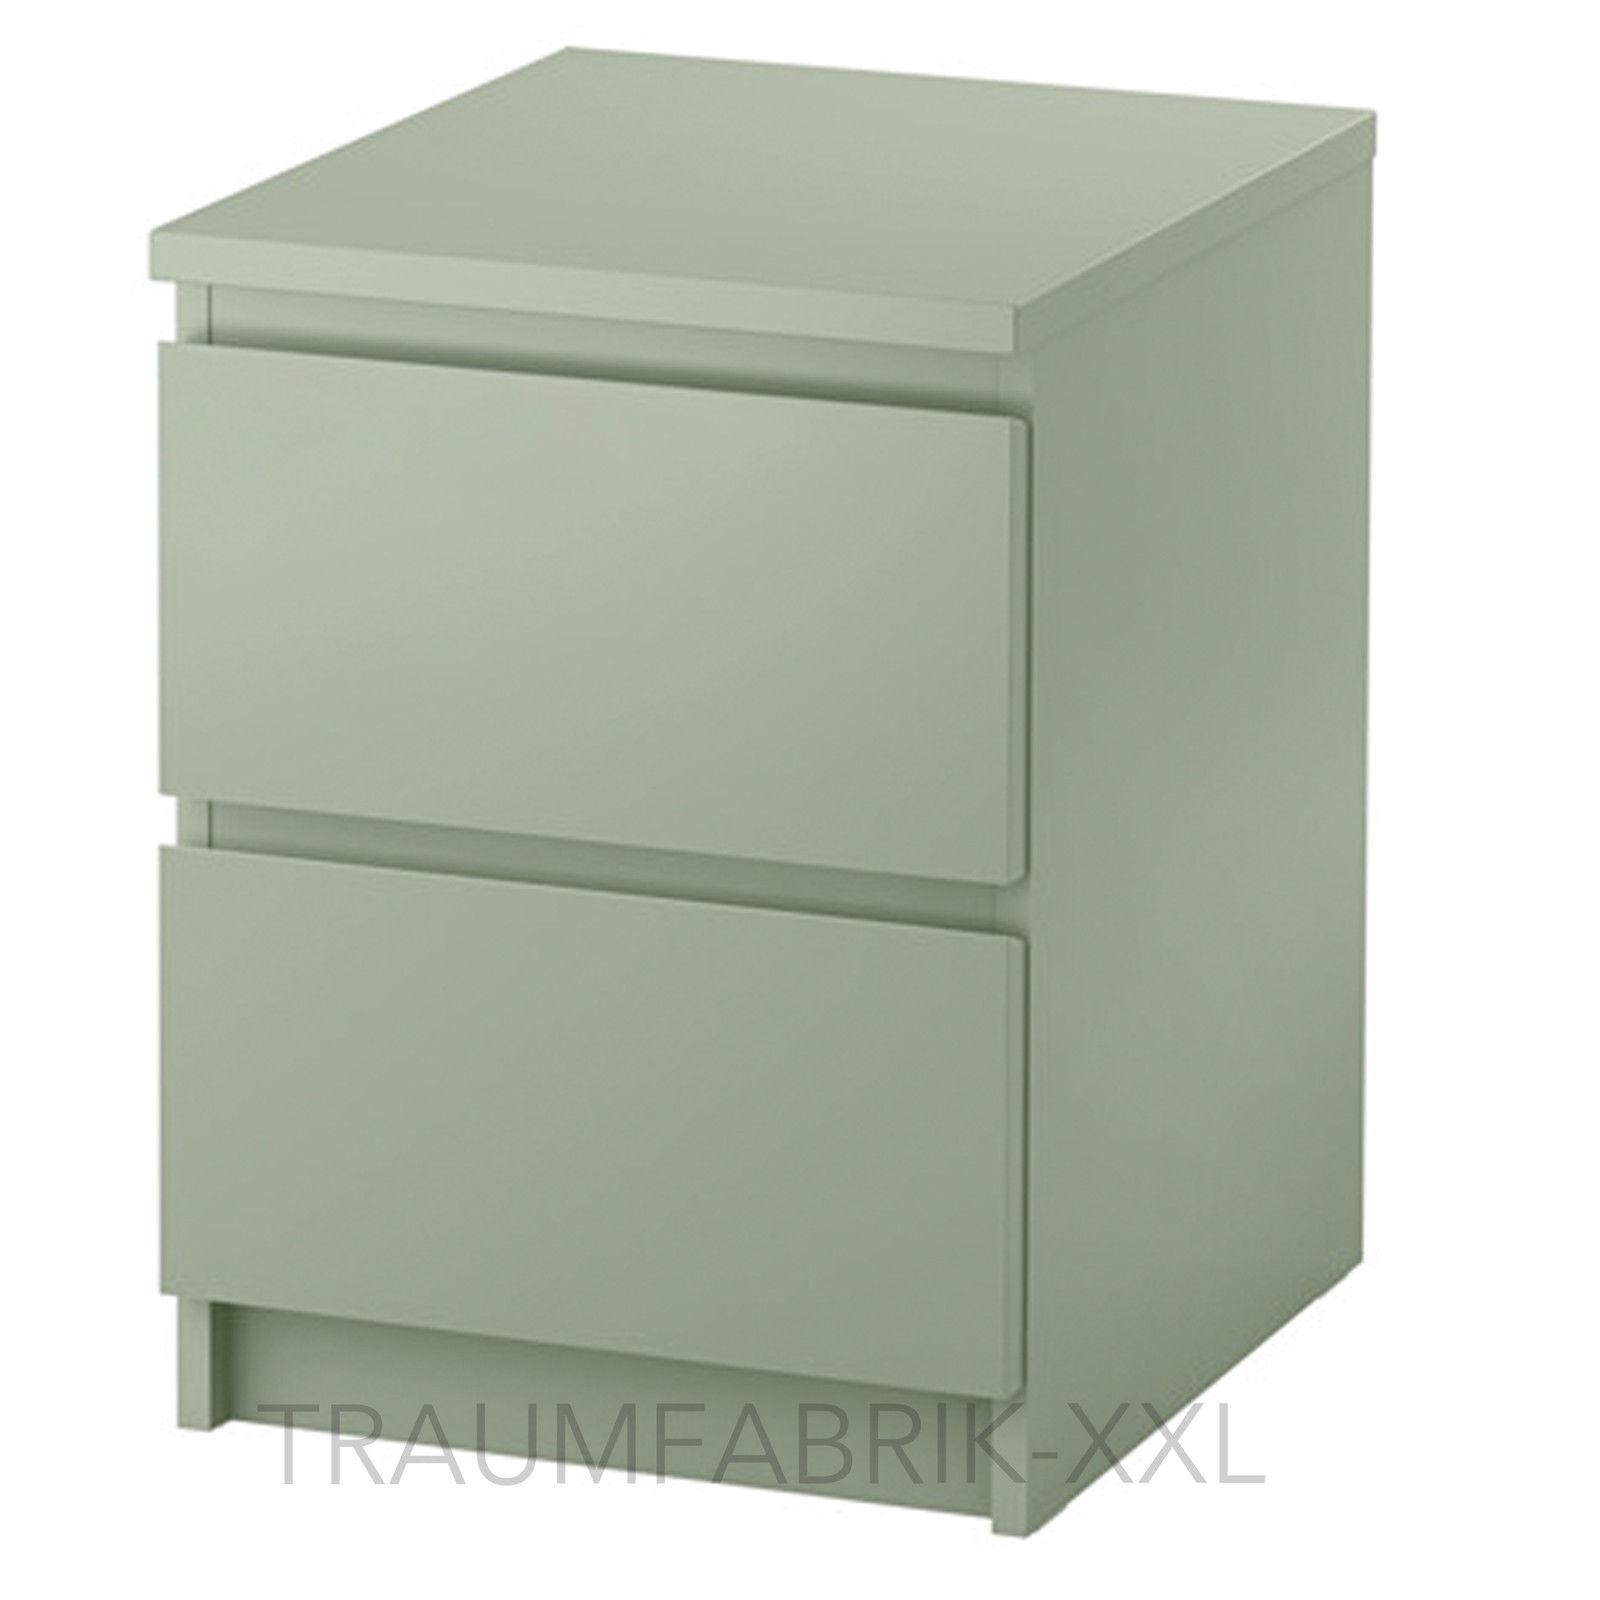 Nachttisch Ikea ikea malm kommode mit 2 schubladen grün nachtkonsole nachttisch